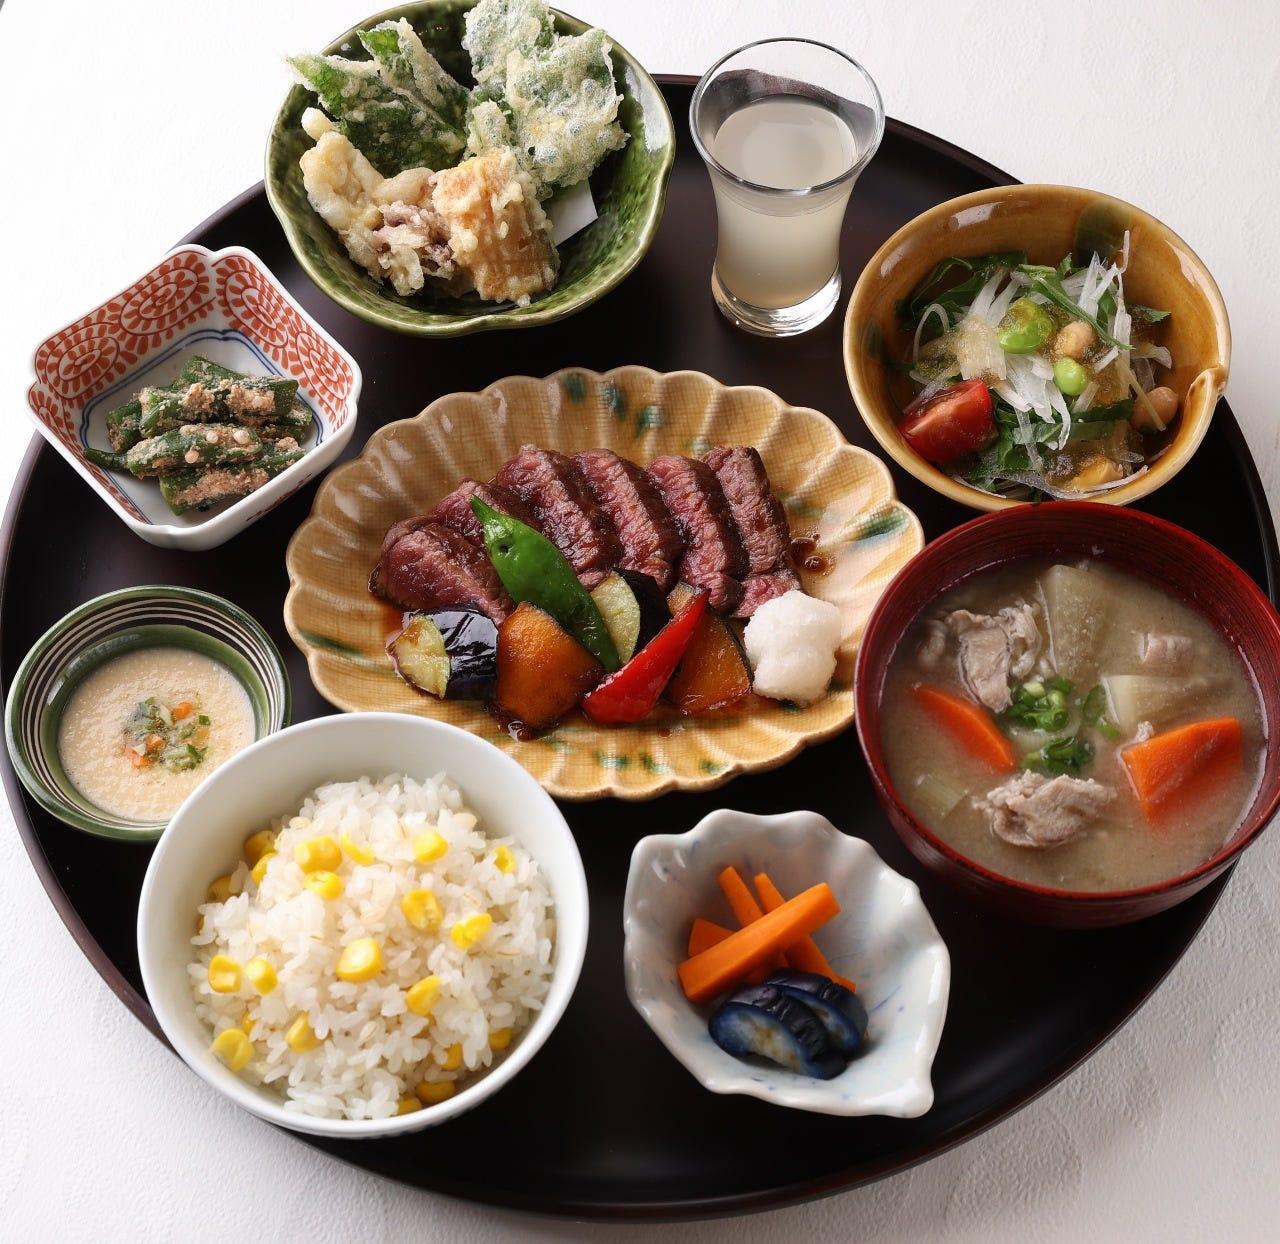 栄養バランスと美味しさにこだわった『スタミナ・バランス定食』